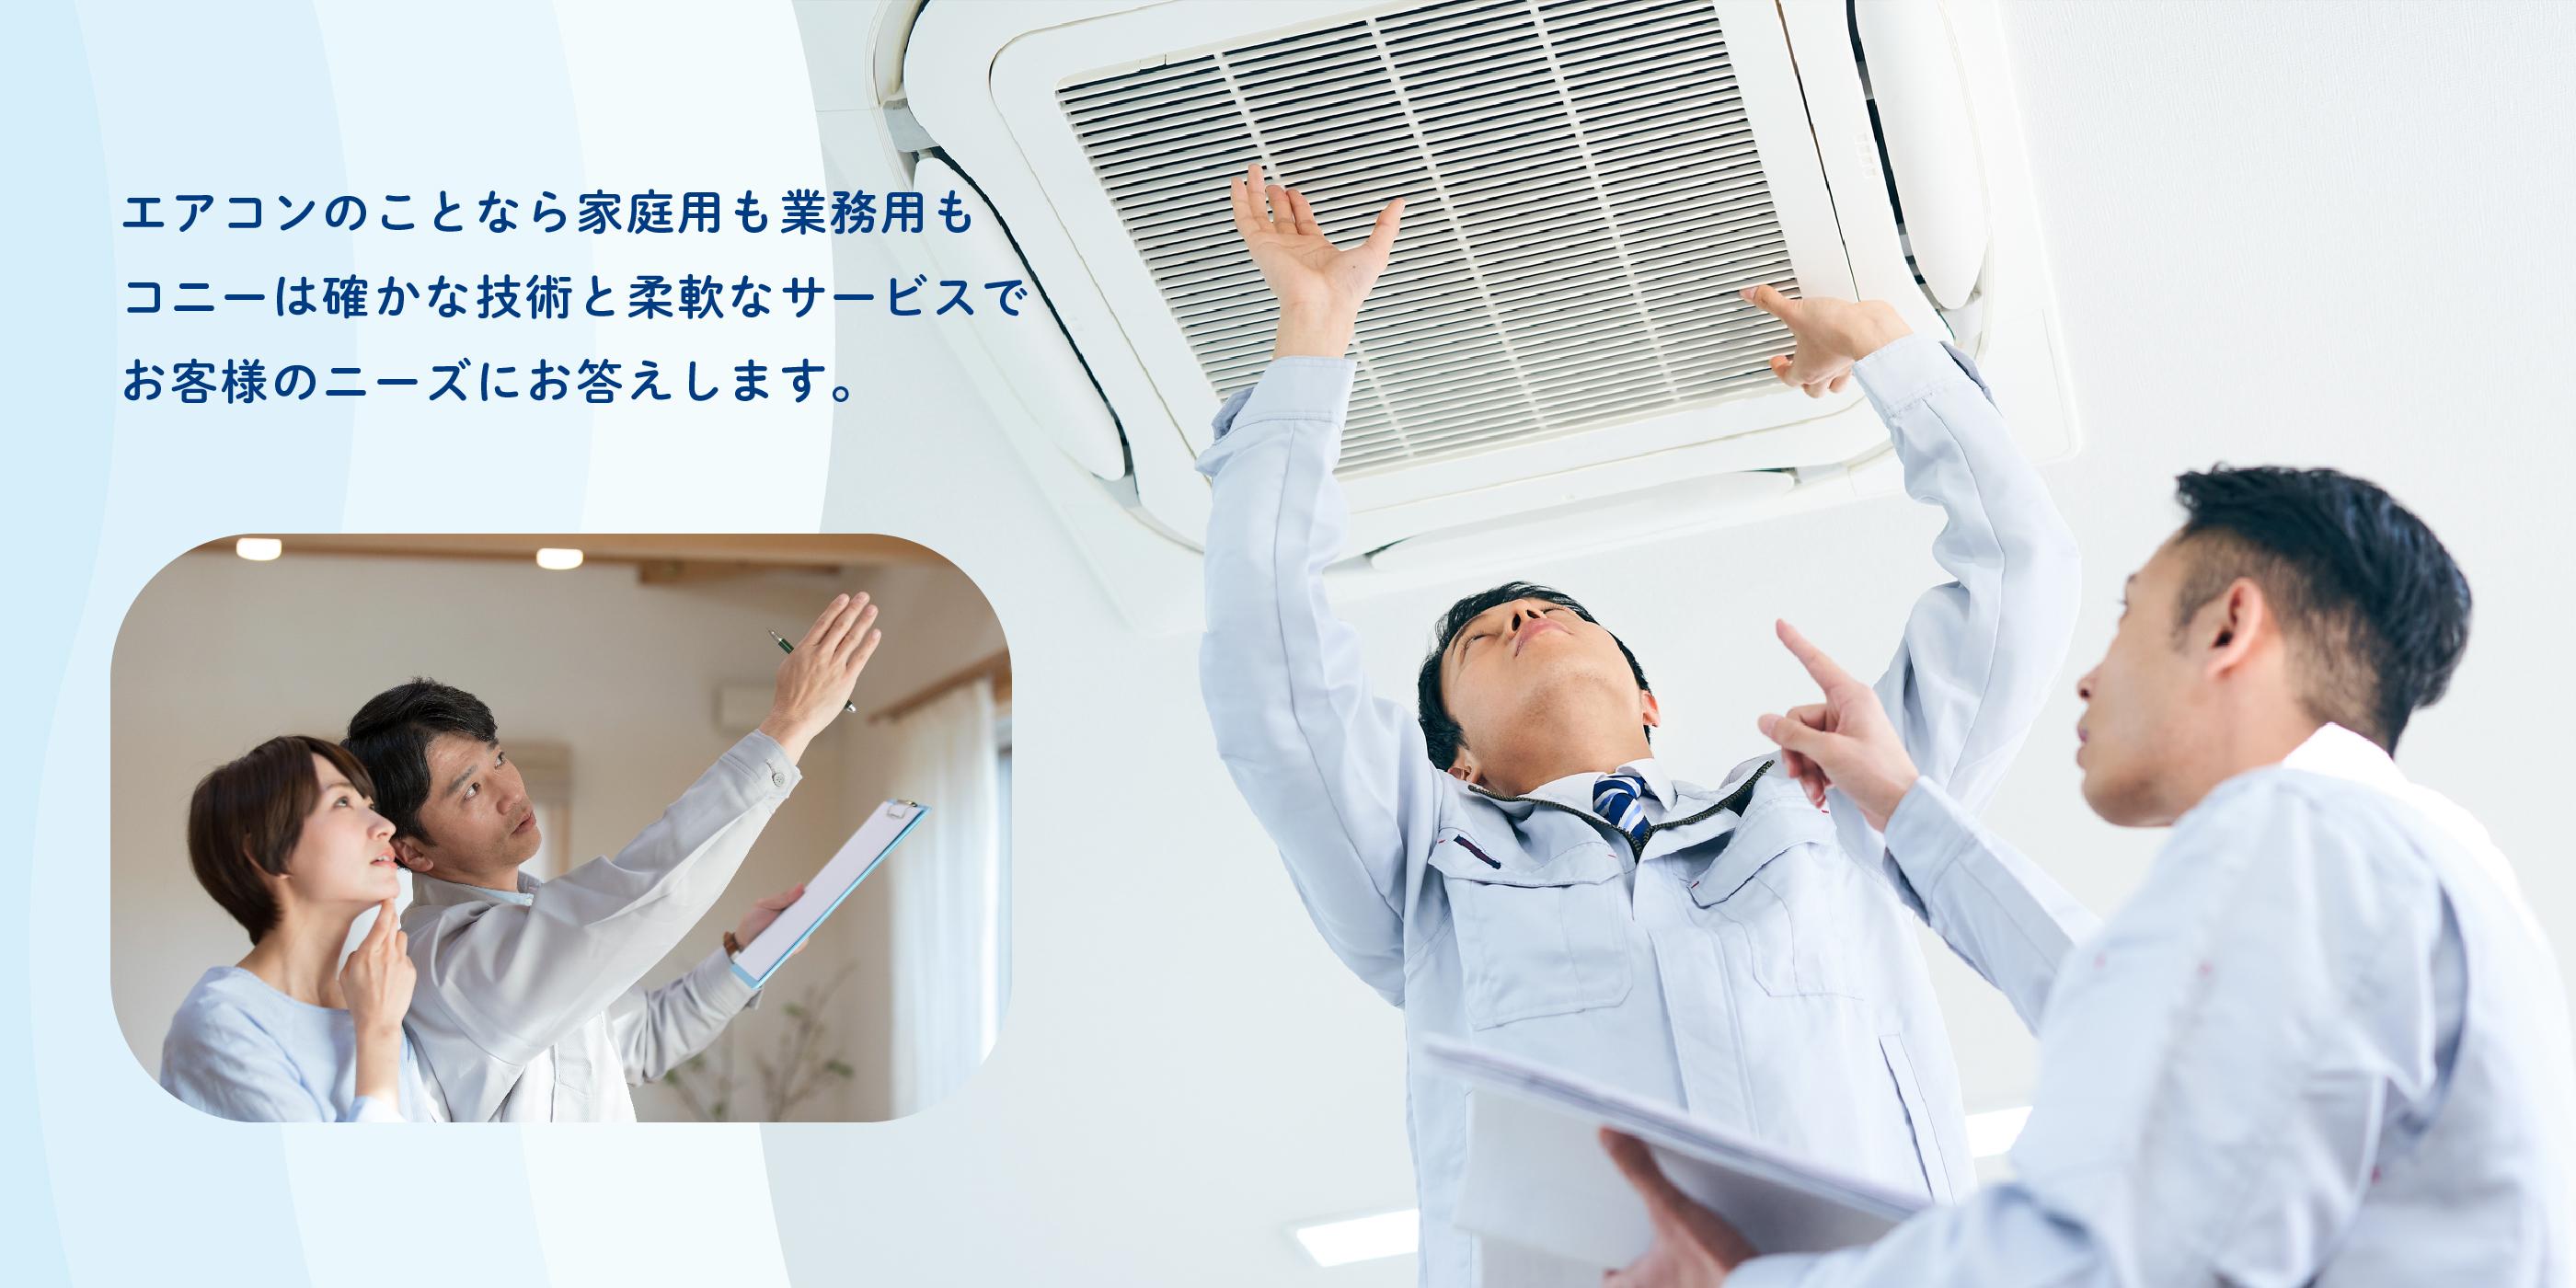 エアコンのことなら家庭用も業務用もコニーは確かな技術と柔軟なサービスでお客様のニーズにお答えします。